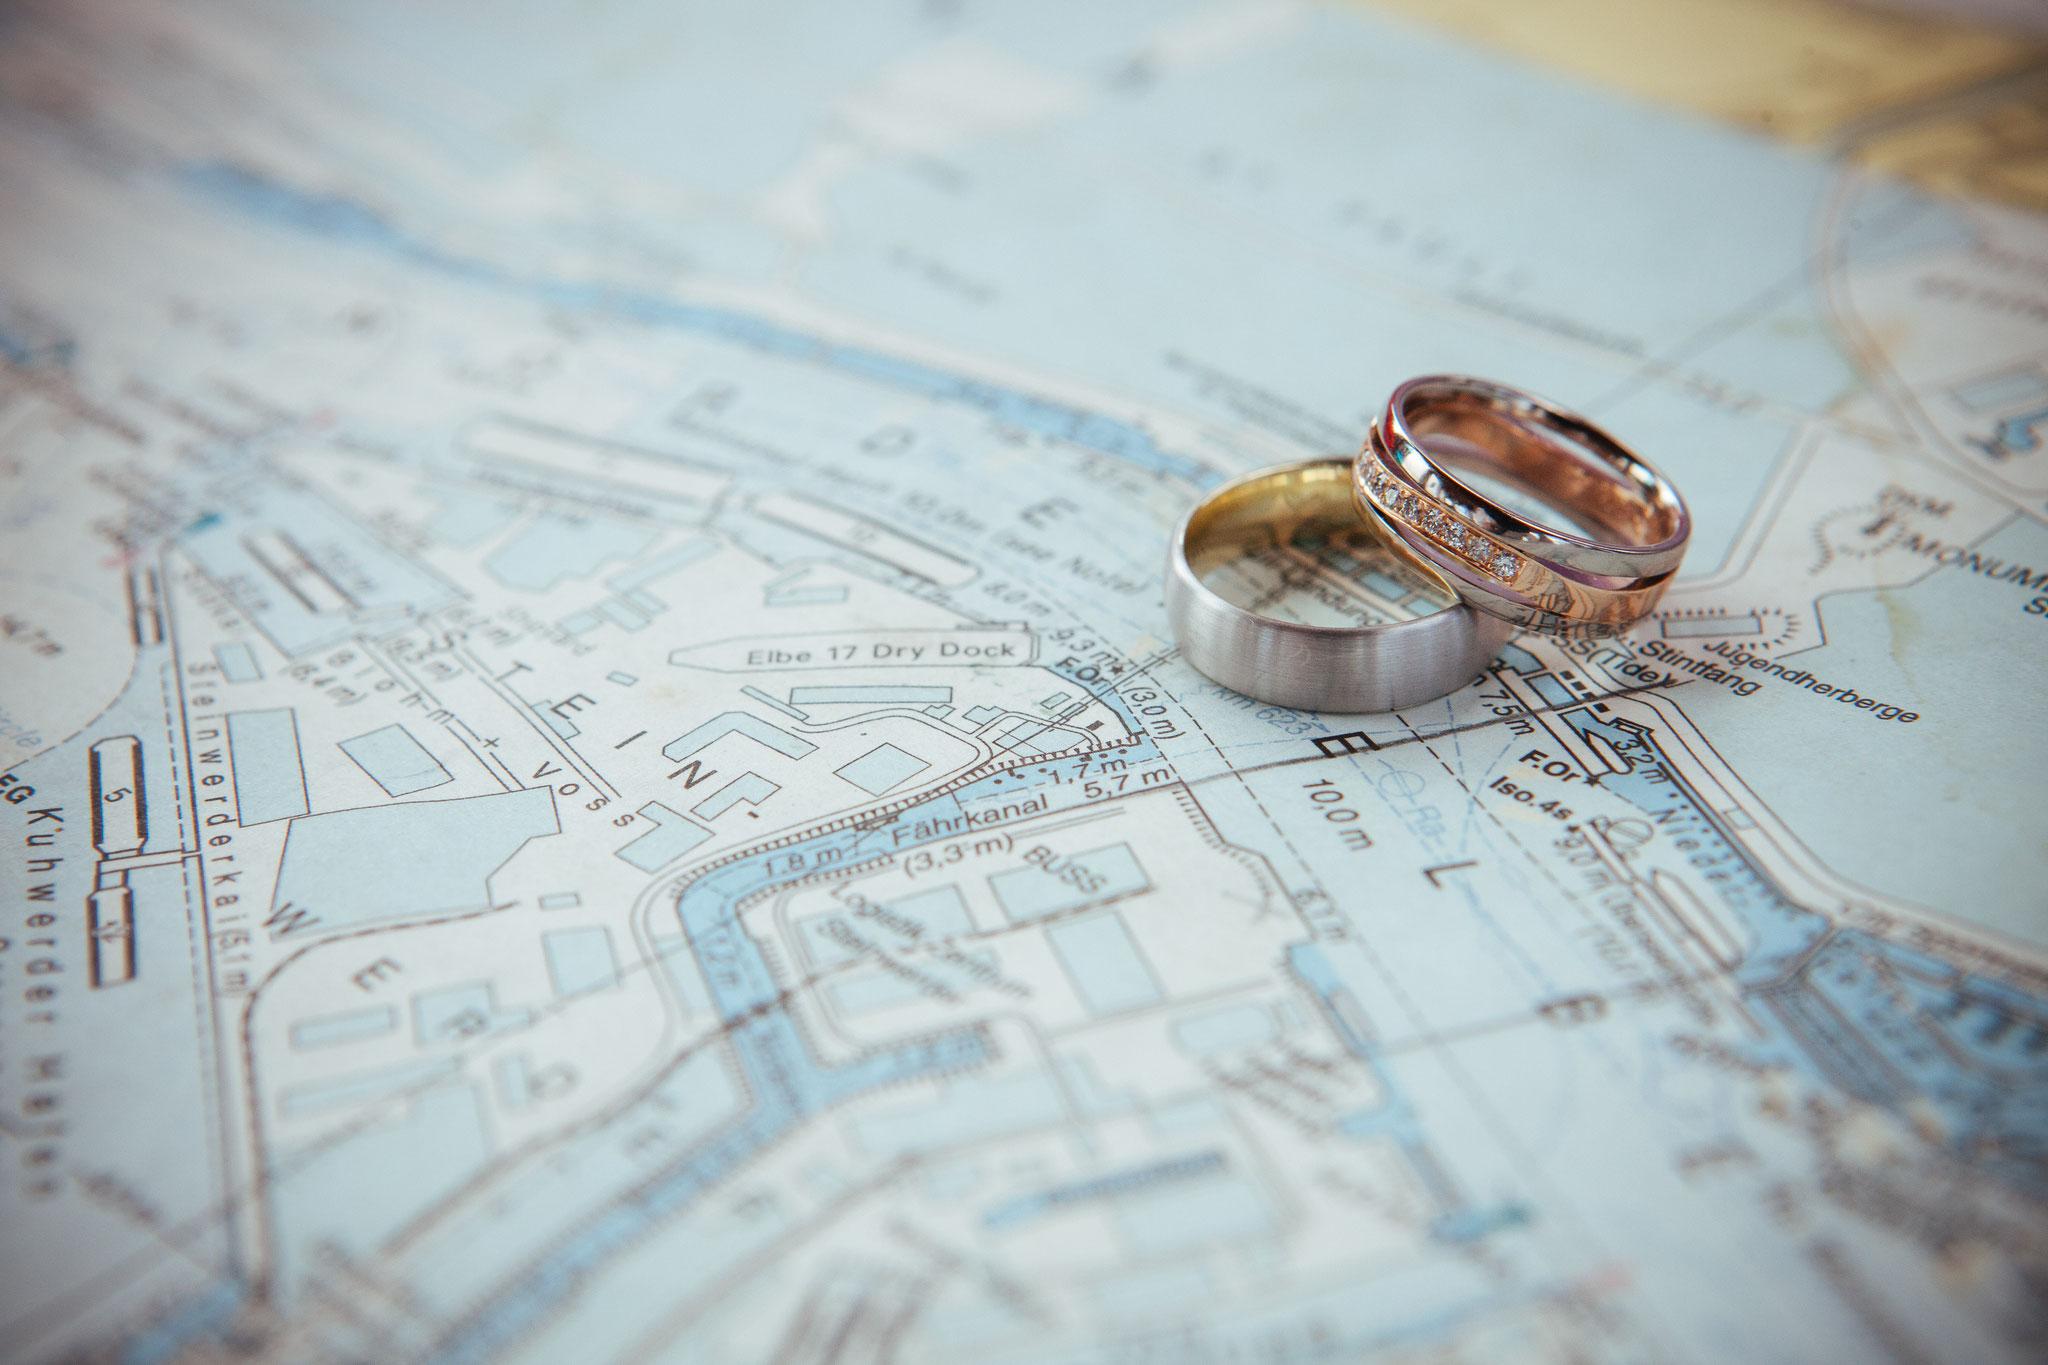 Der Hamburger Hafen der Ehe